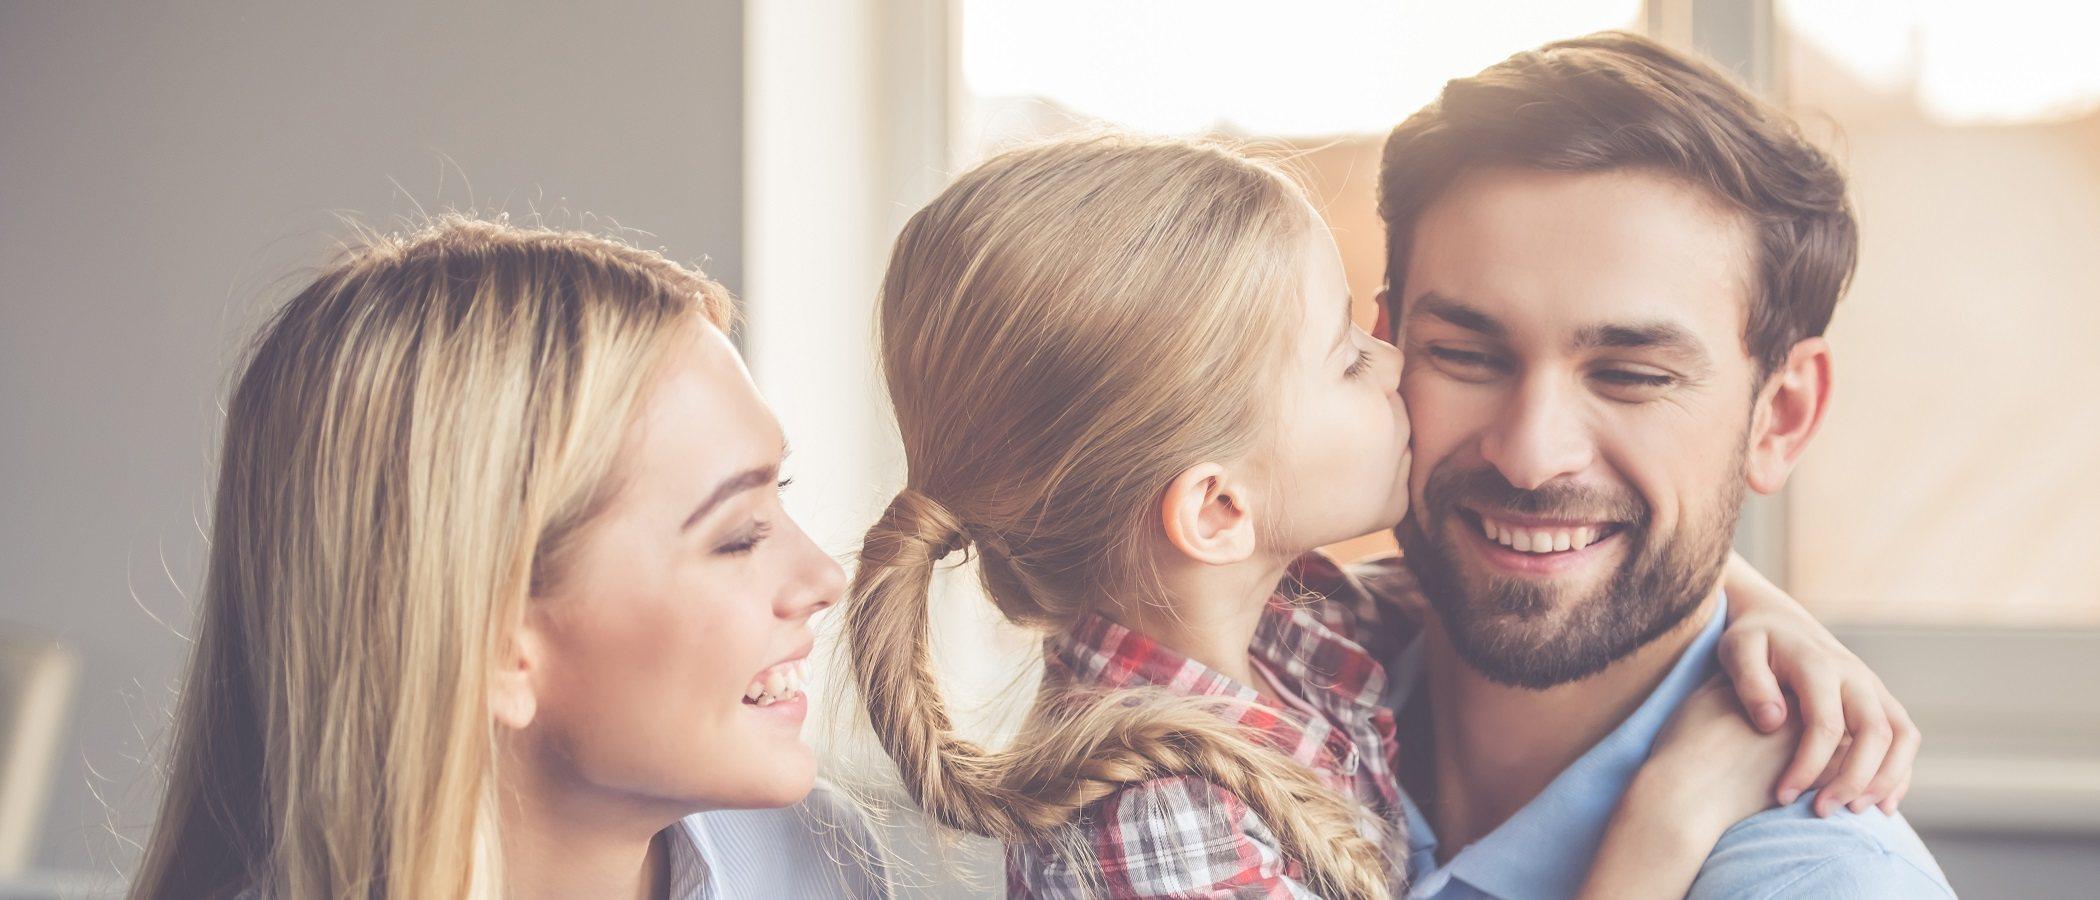 Pin parental: argumentos a favor y en contra